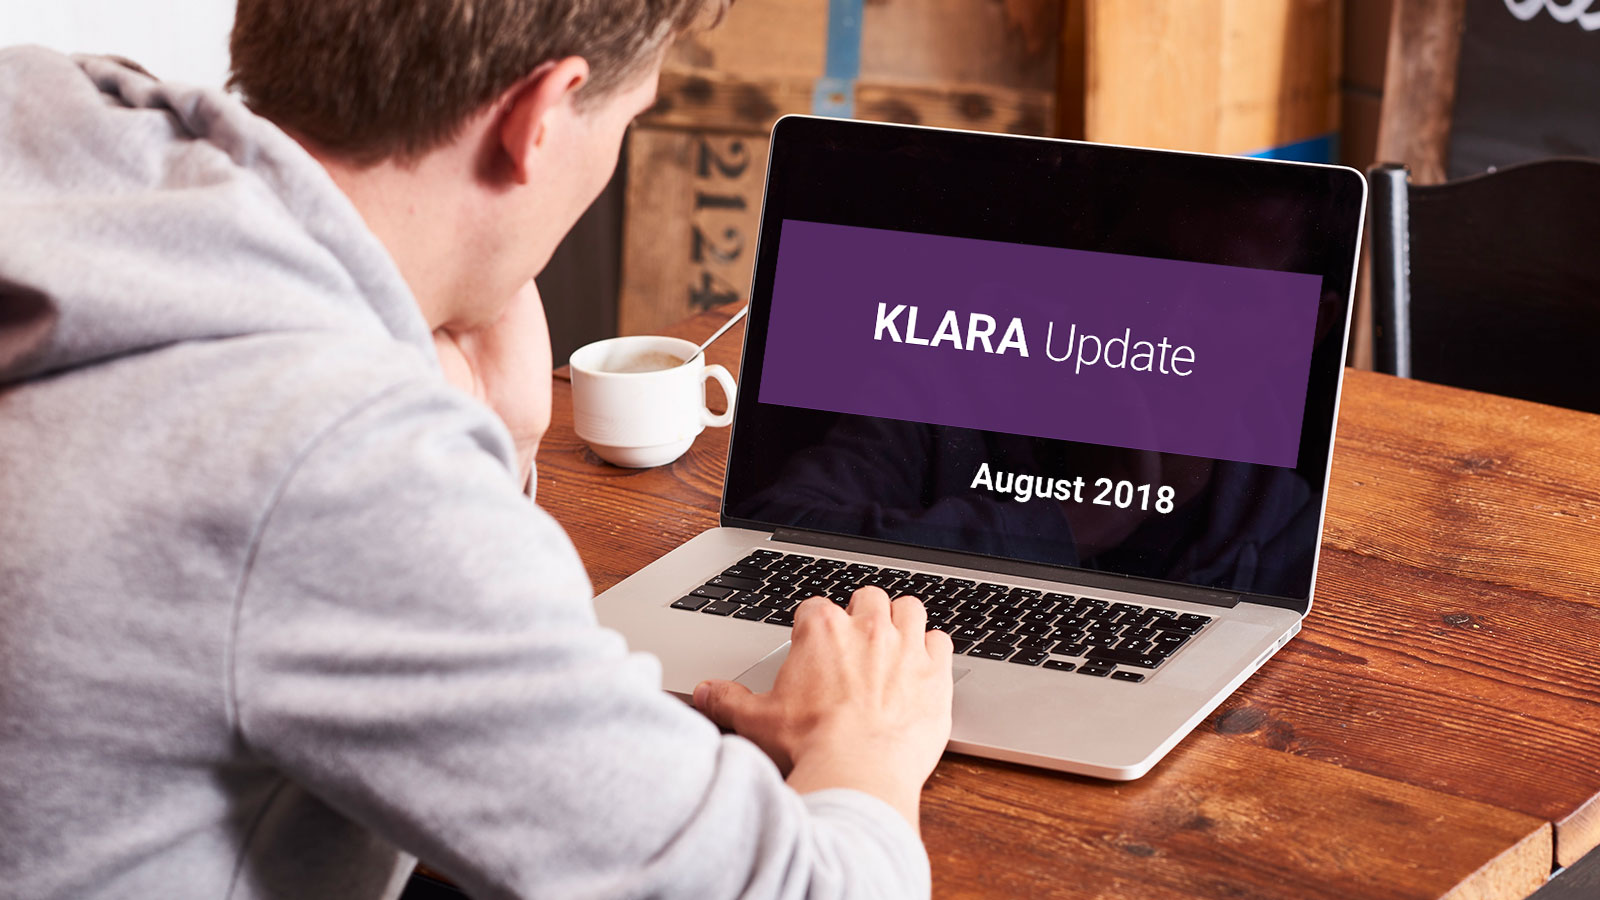 KLARA_Update_August_2018